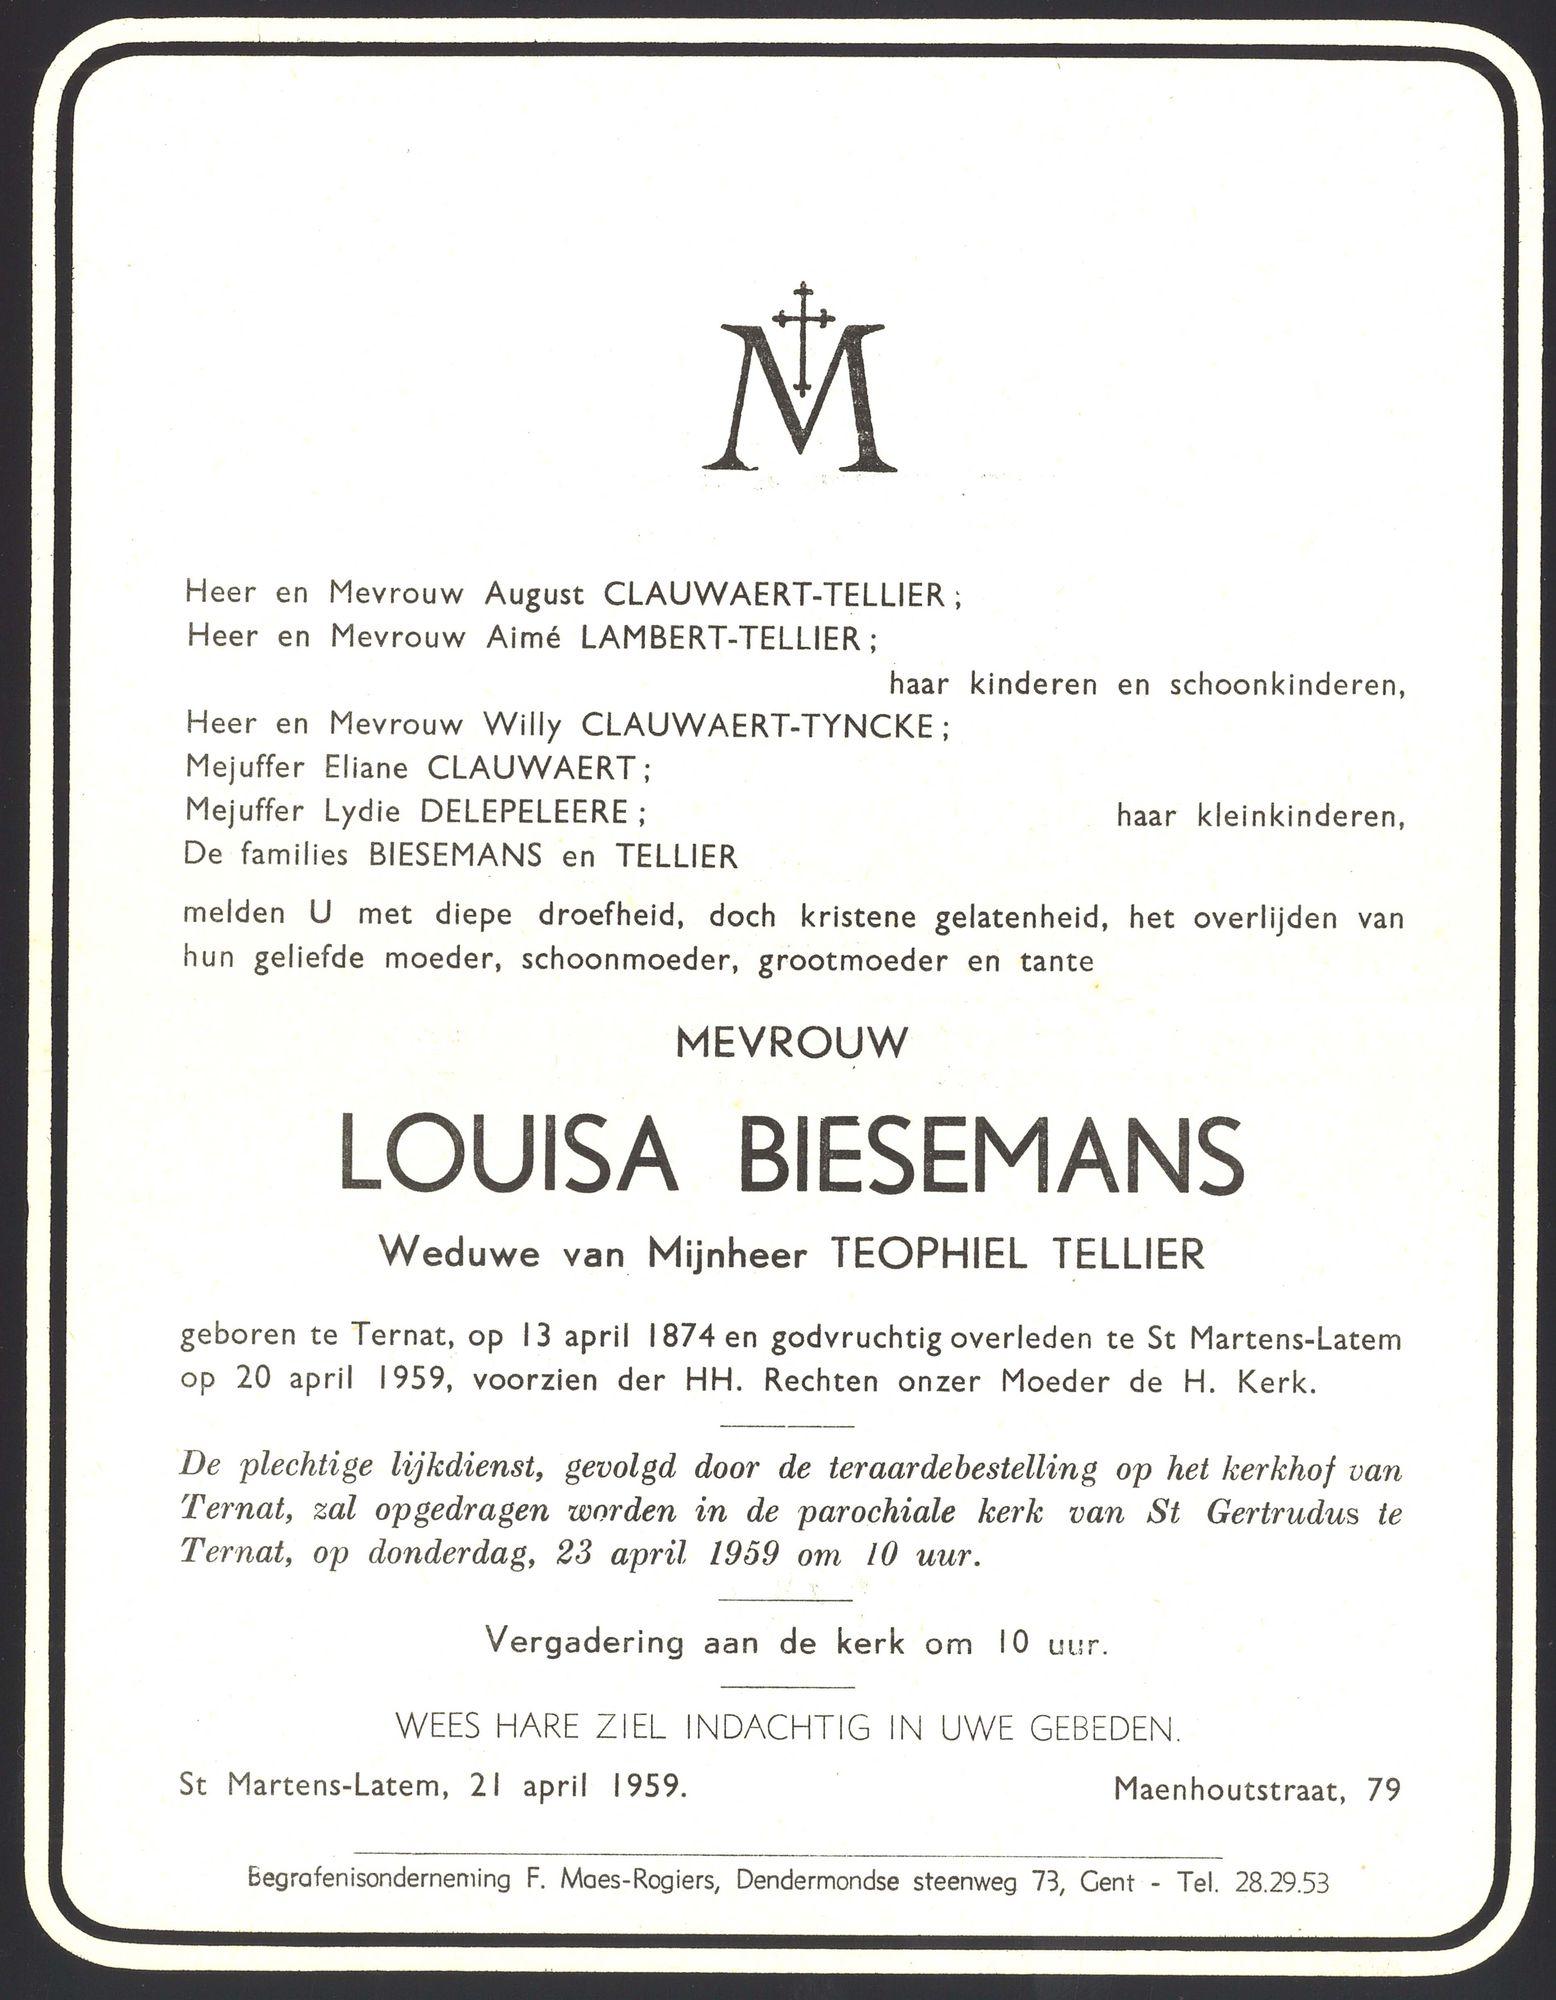 Louisa Biesemans